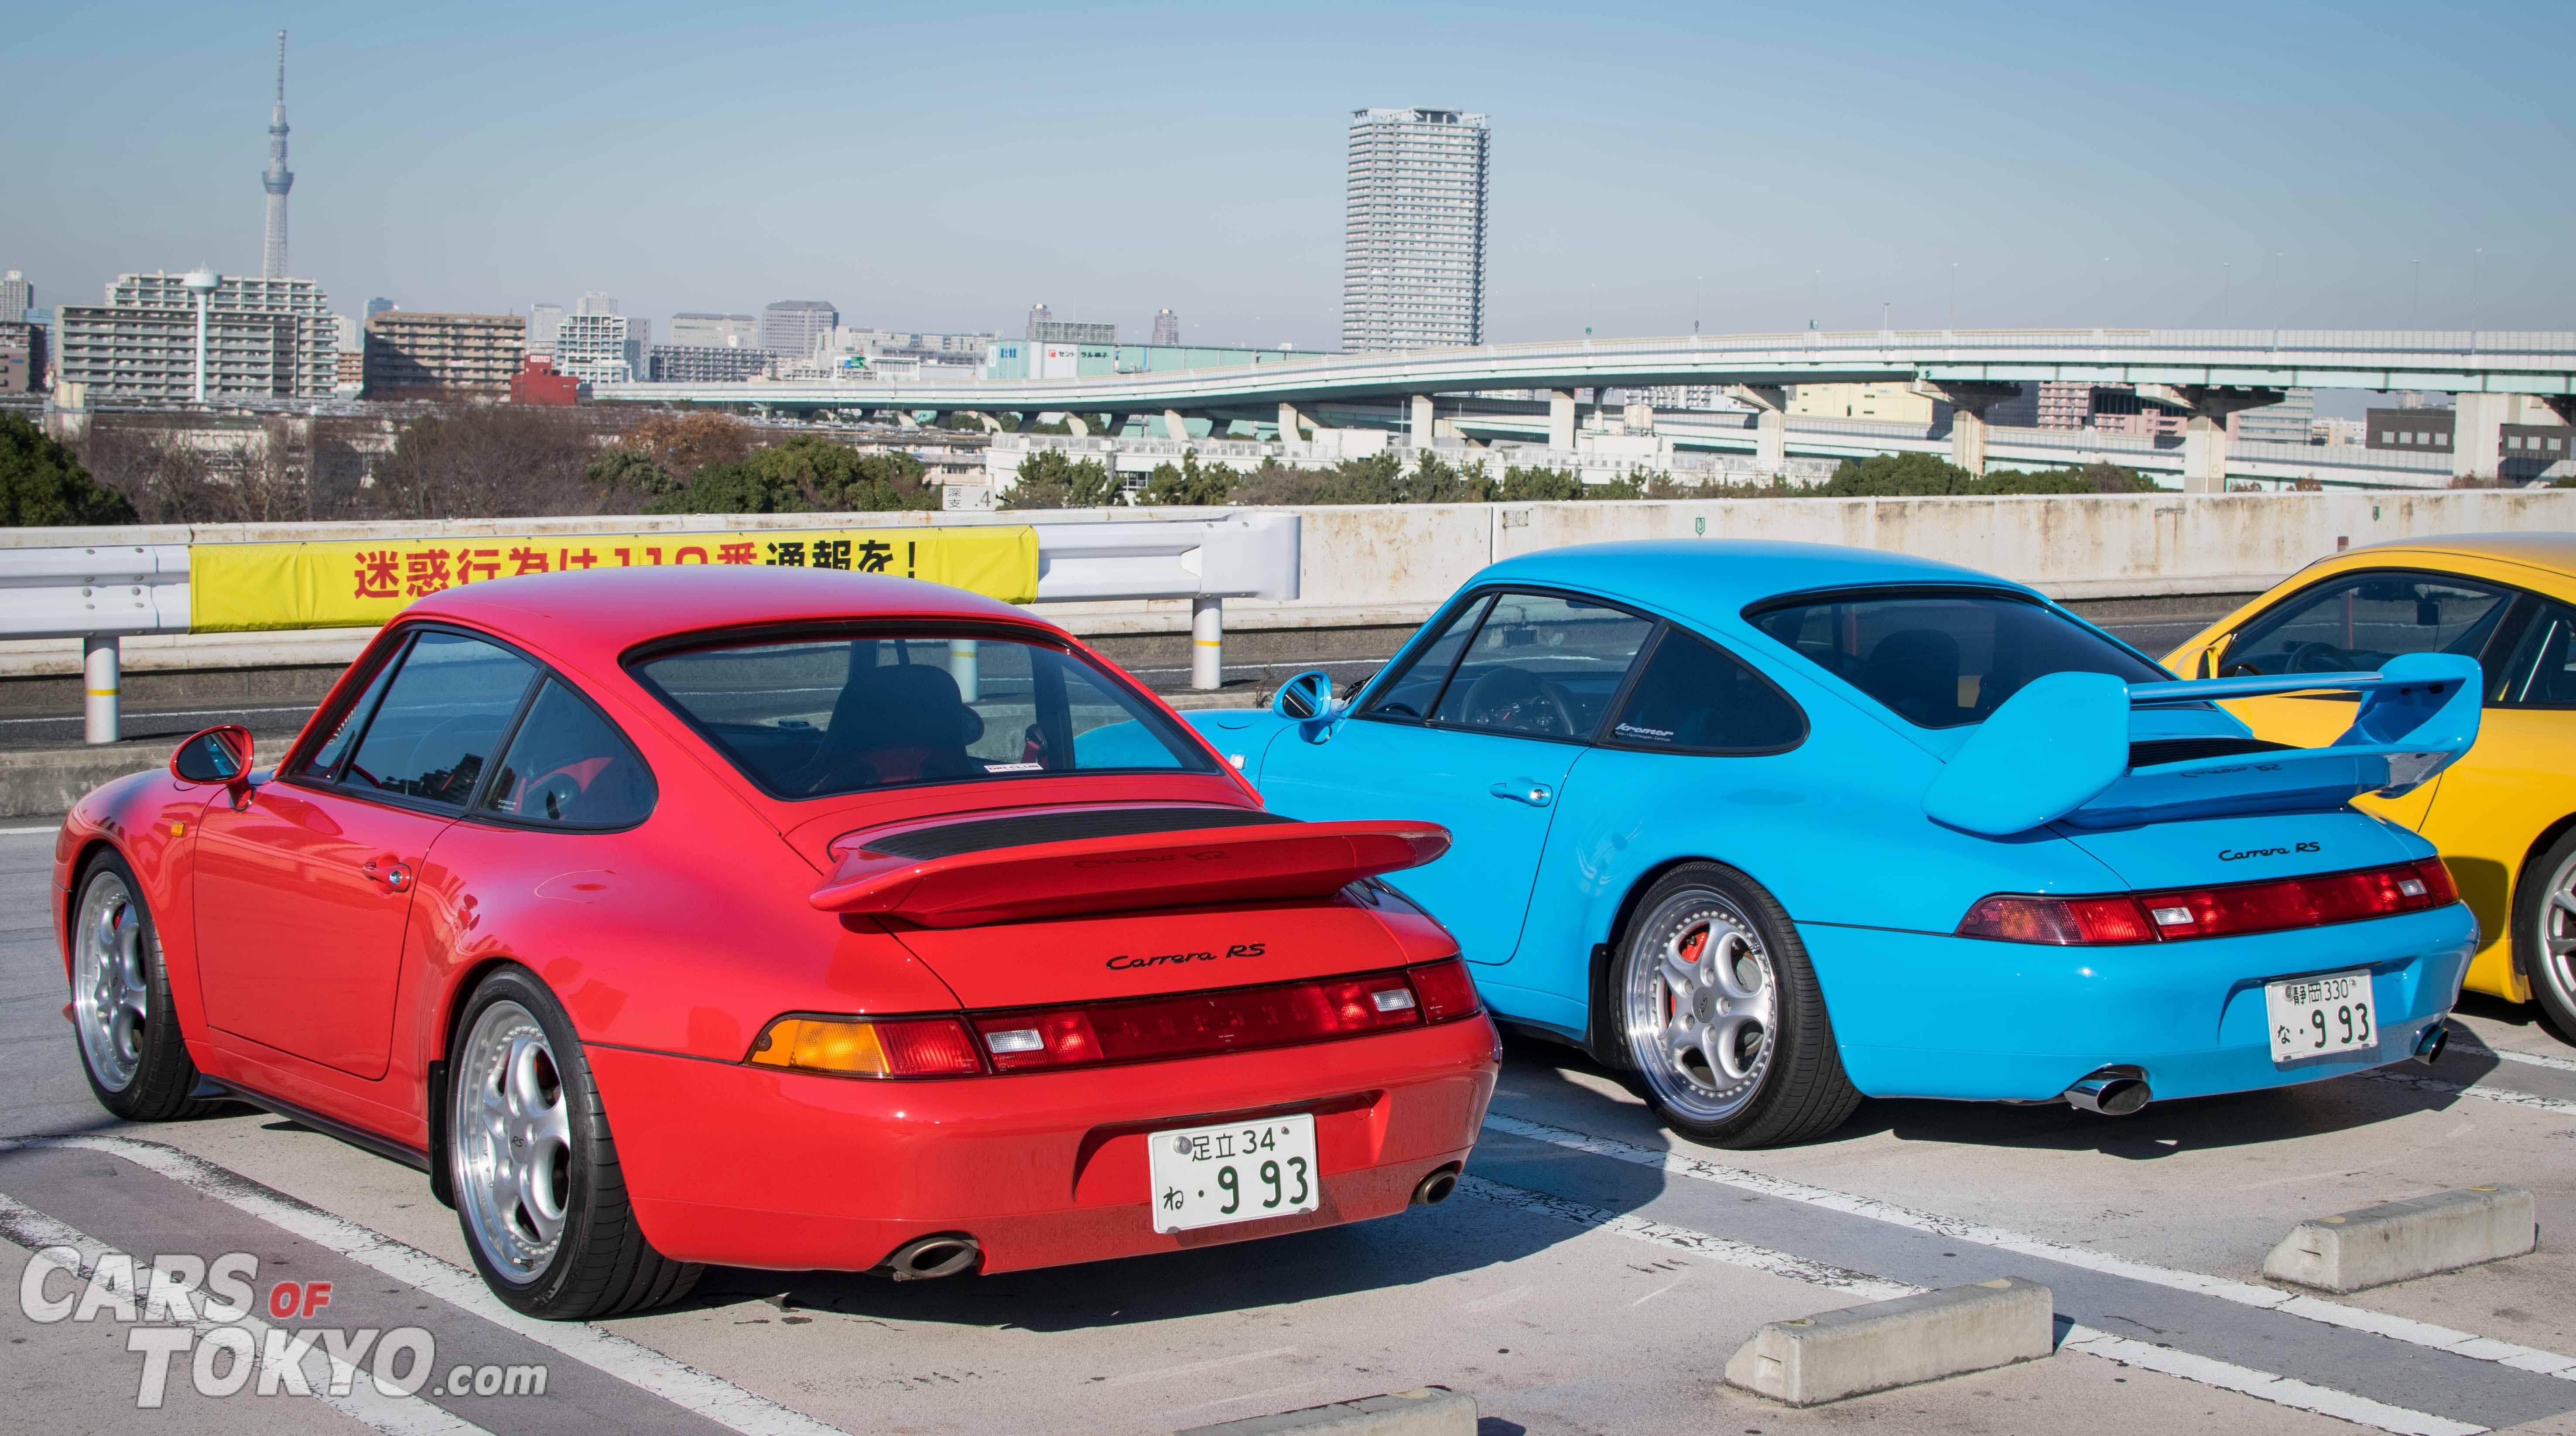 Cars of Tokyo Tatsumi Porsche 911 Carrera RS